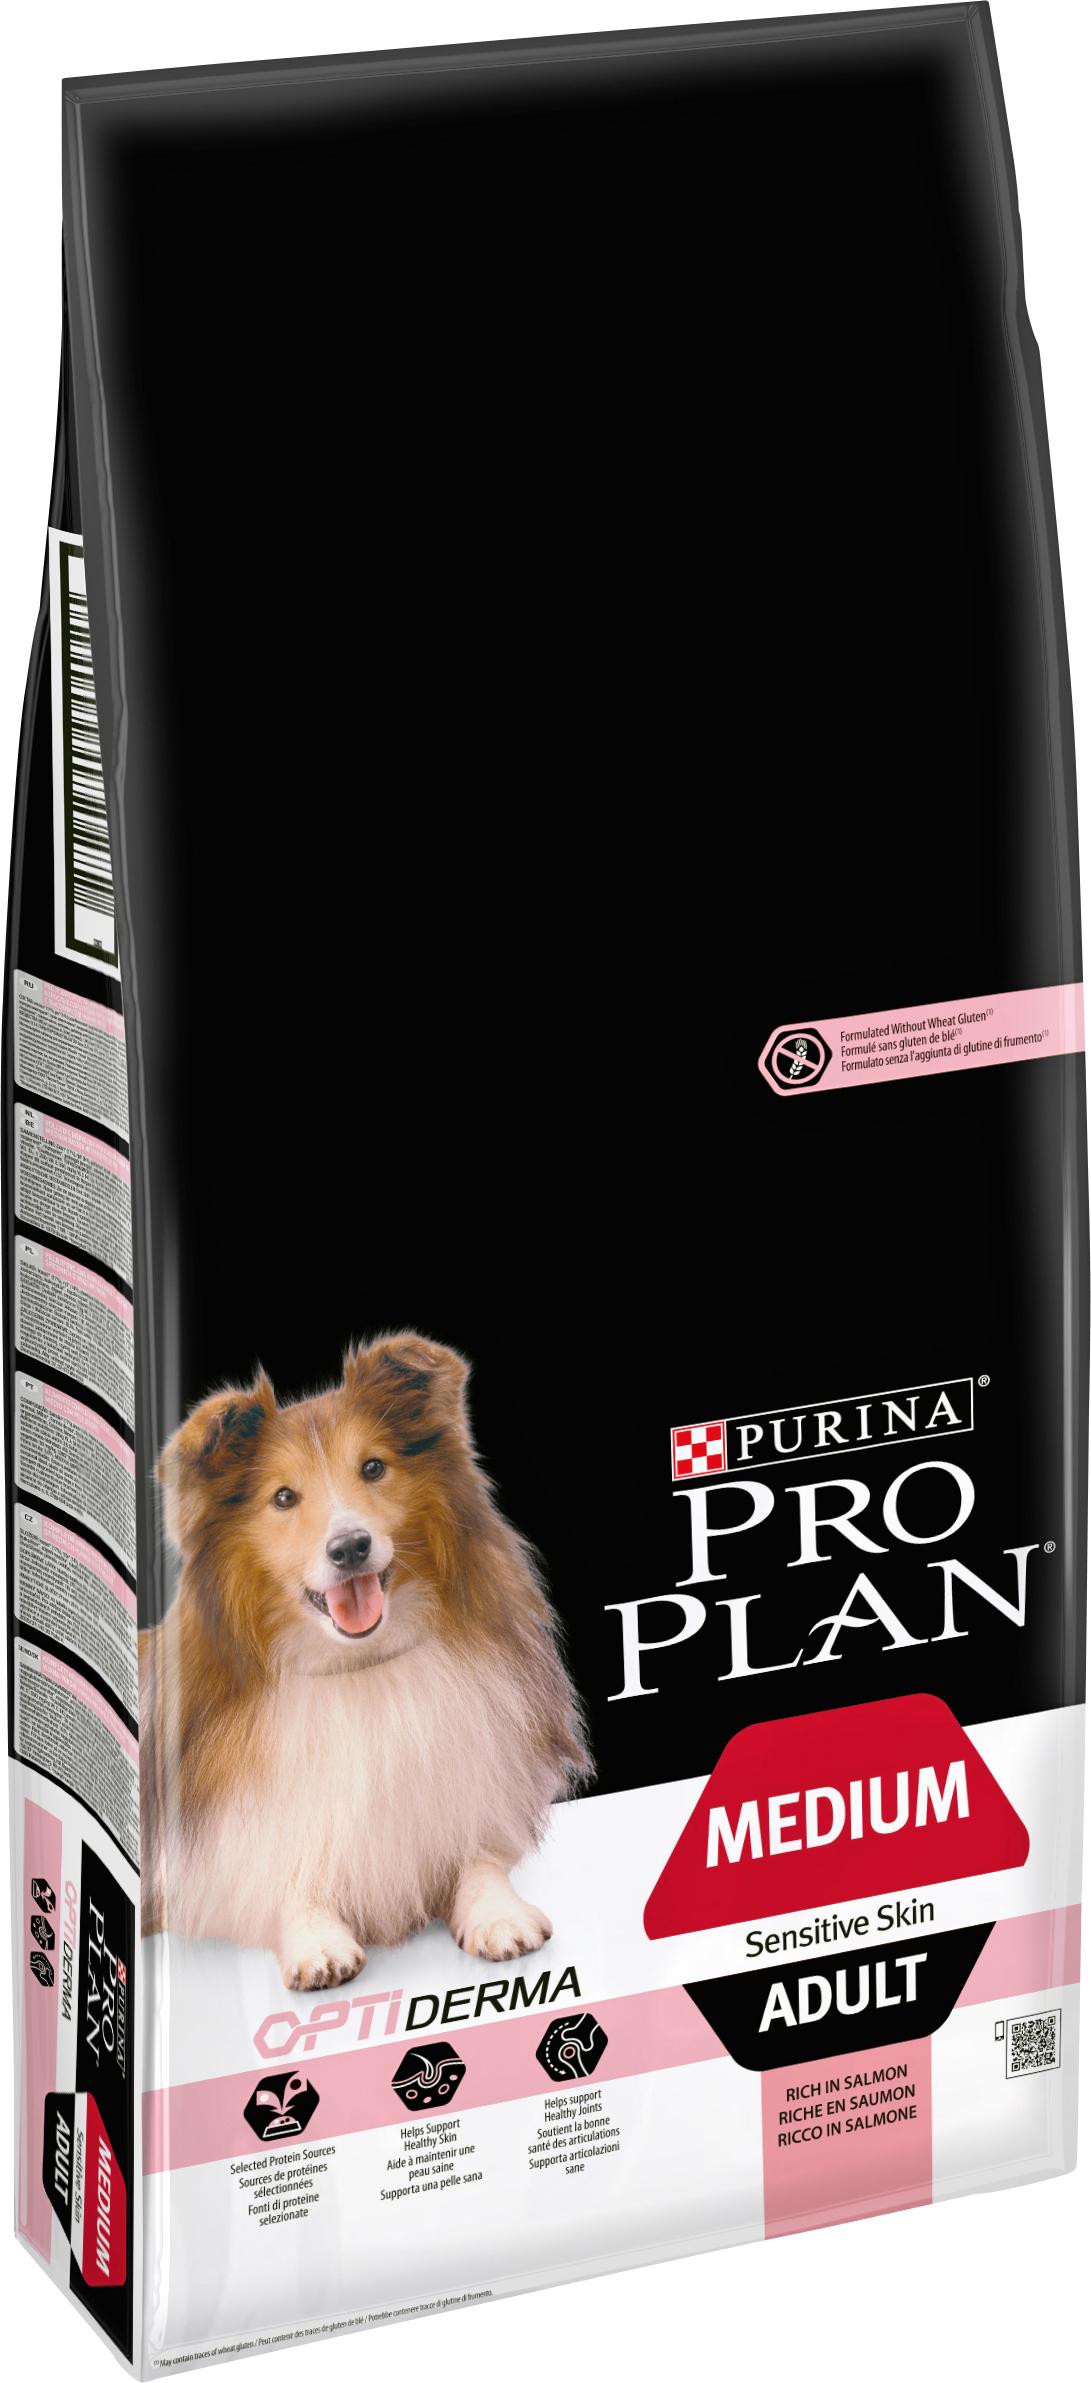 Hundfoder Pro Plan Medium Adult Sensitive Skin, 14 kg